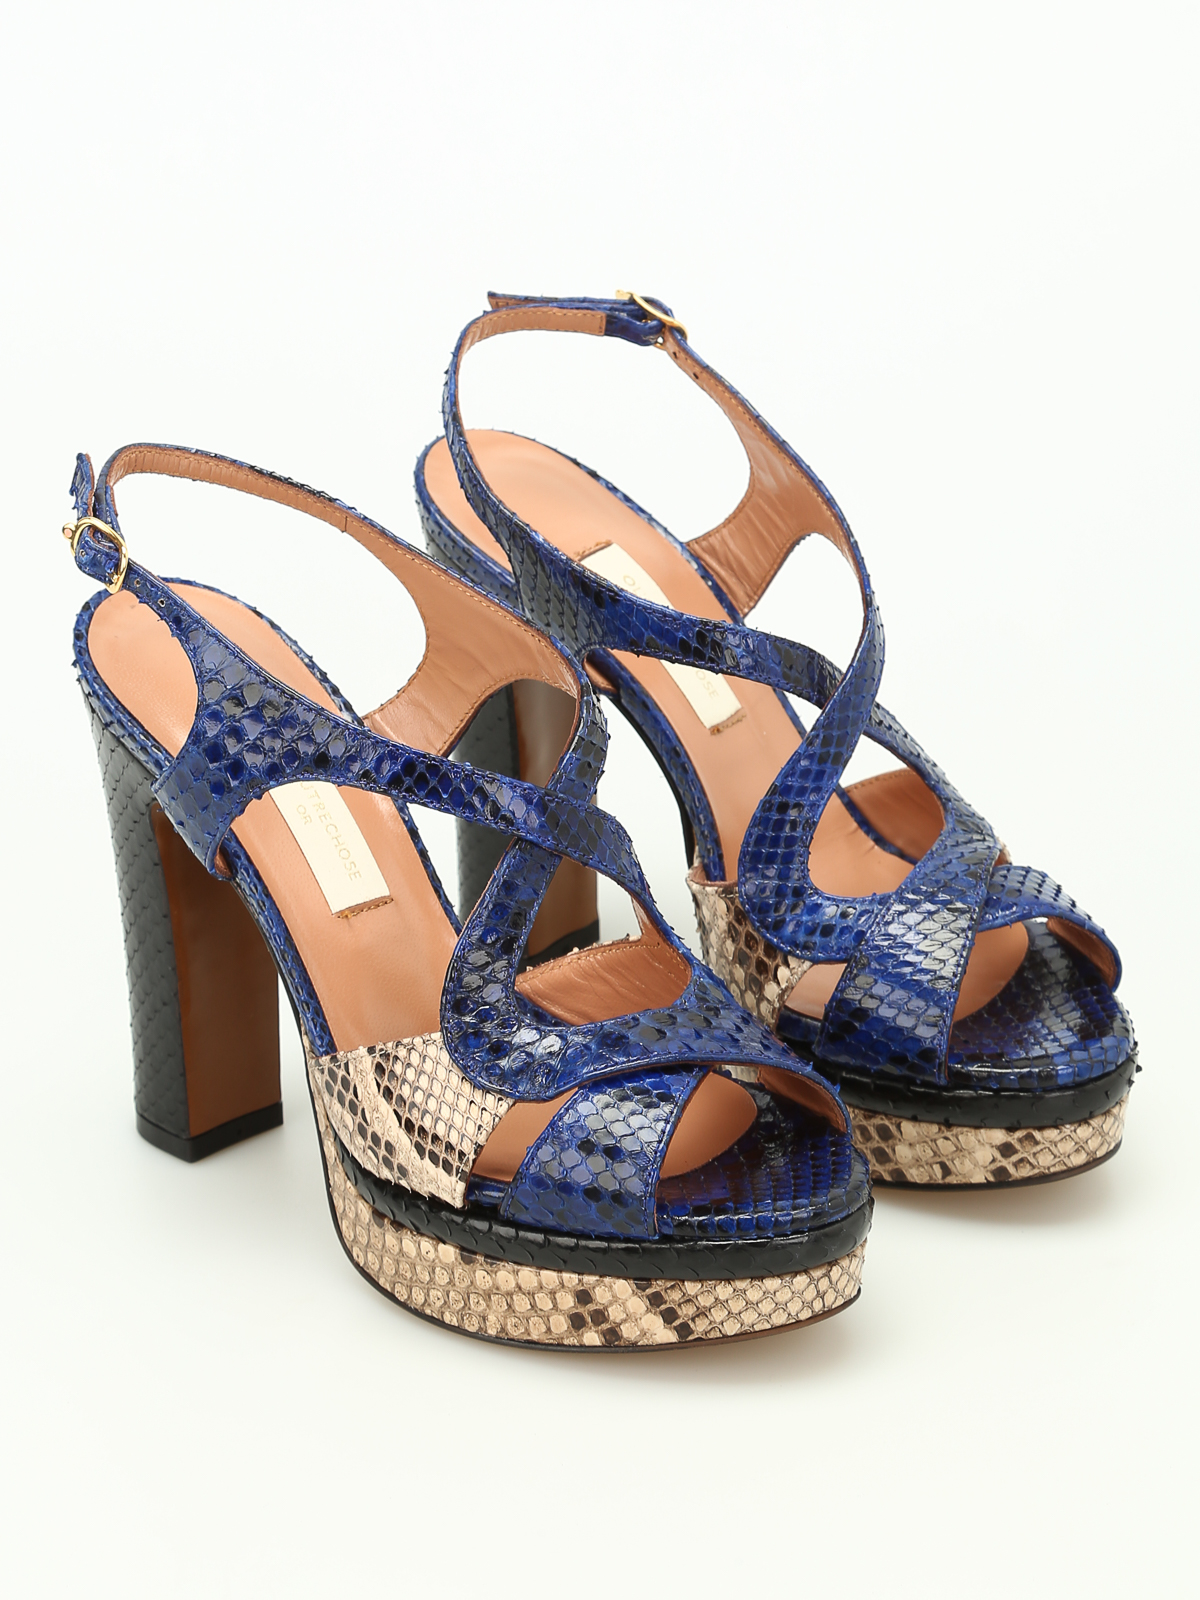 L Autre Chose Sandals